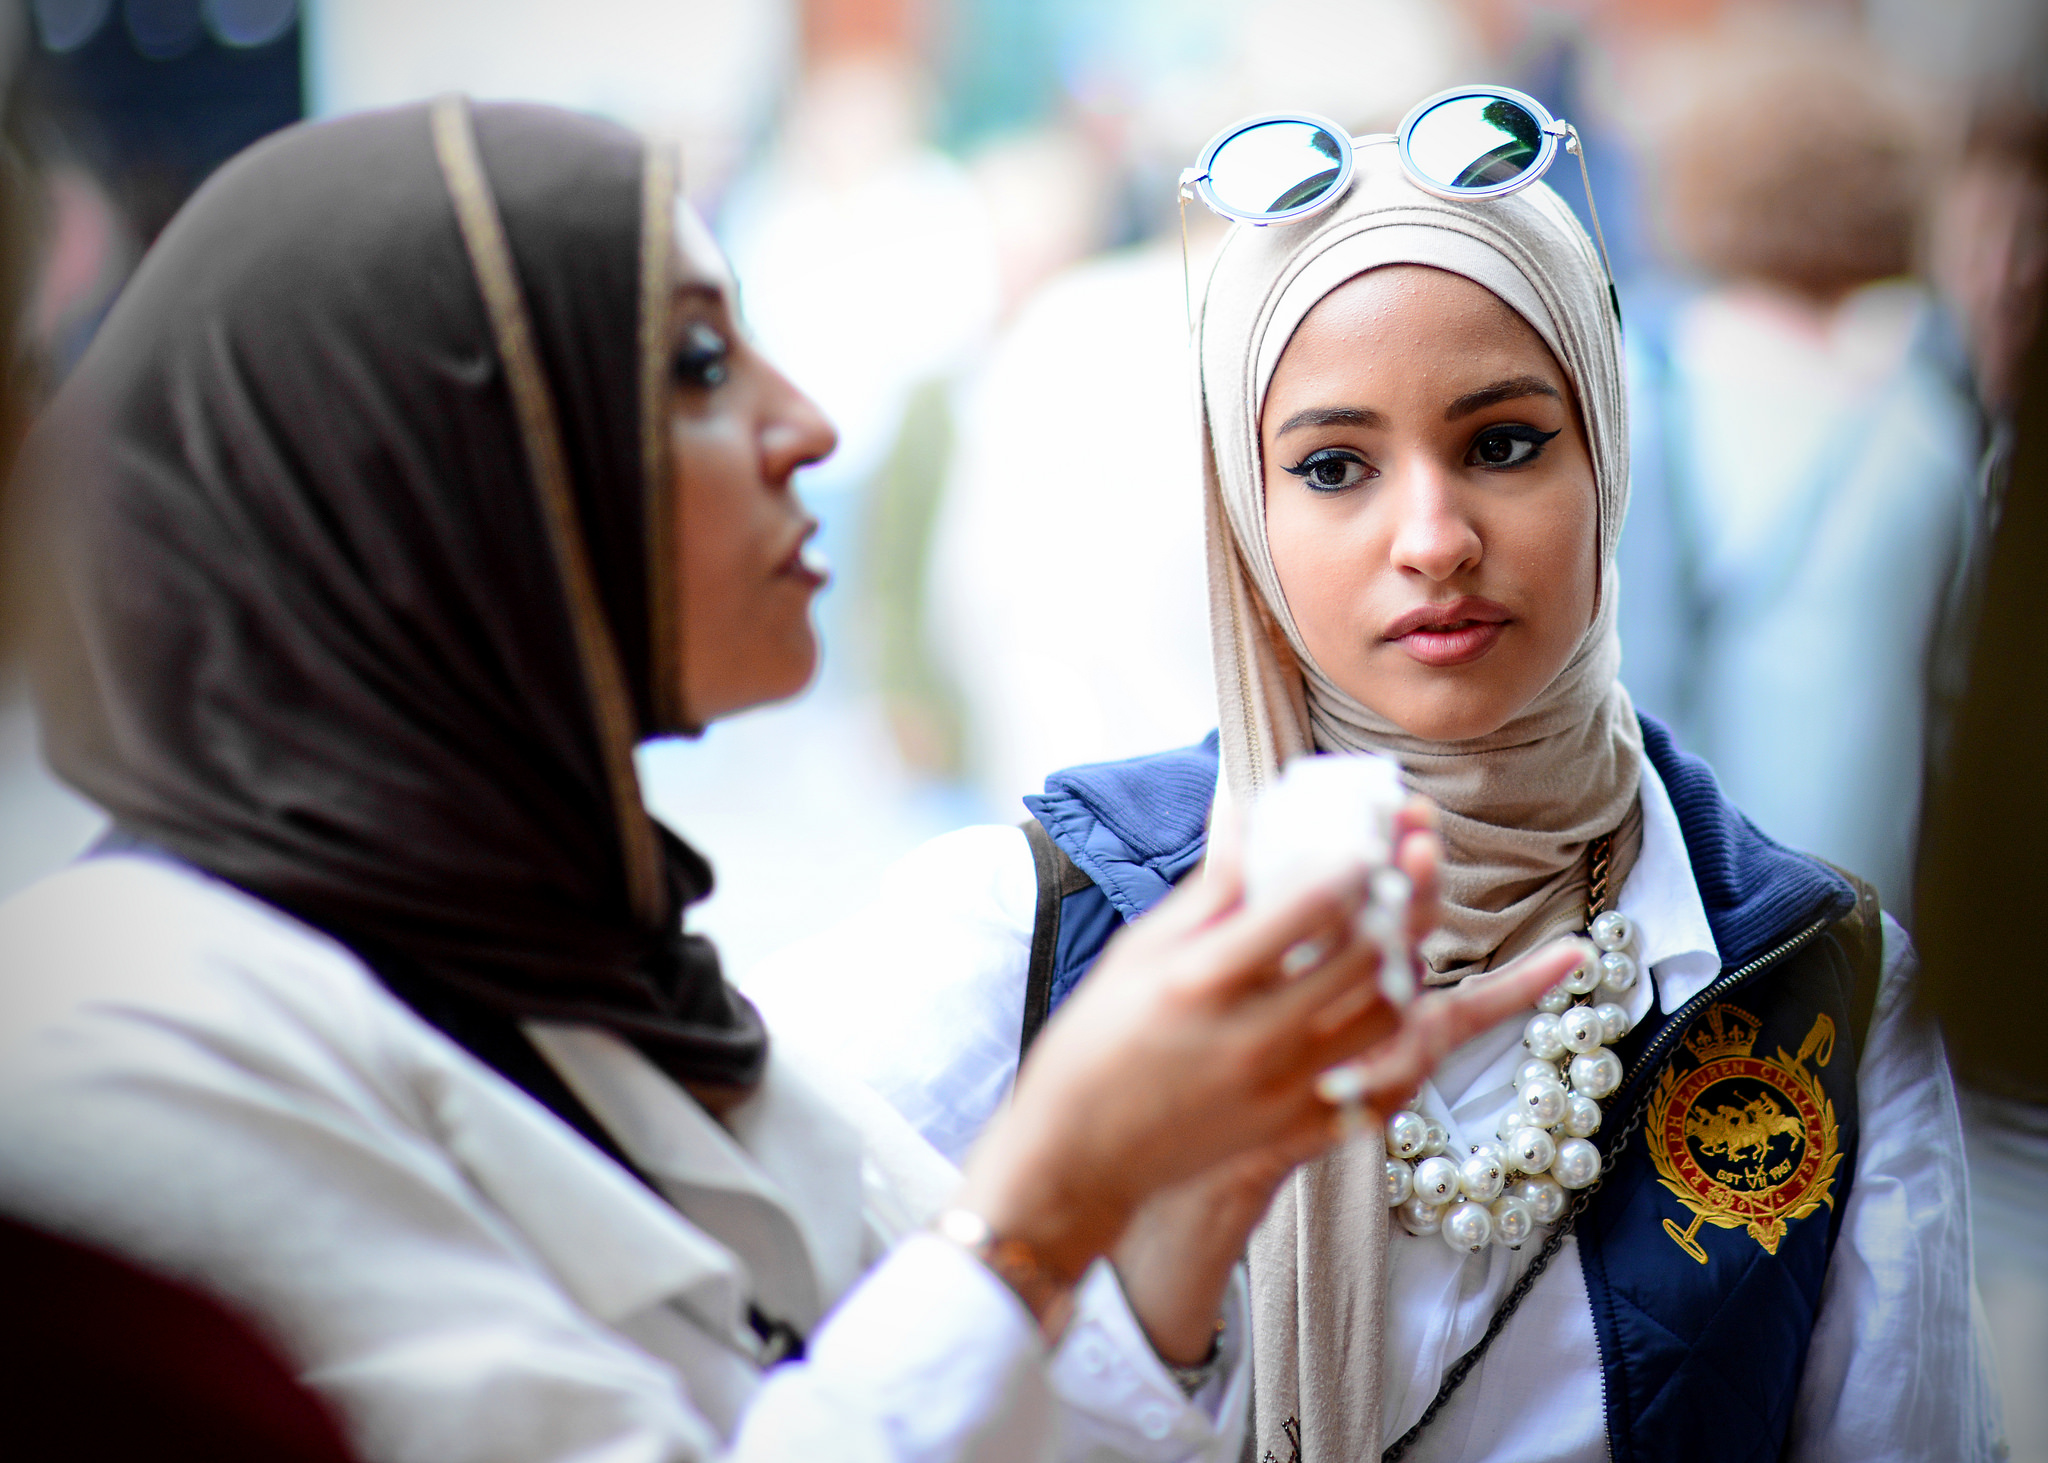 En offentlighet som åpner for synlige forskjeller er viktig for de intervjuede kvinnene. (Kvinnene på illustrasjonsfotoet er ikke tilknyttet studien.) Foto: Adrian Snood/Flickr